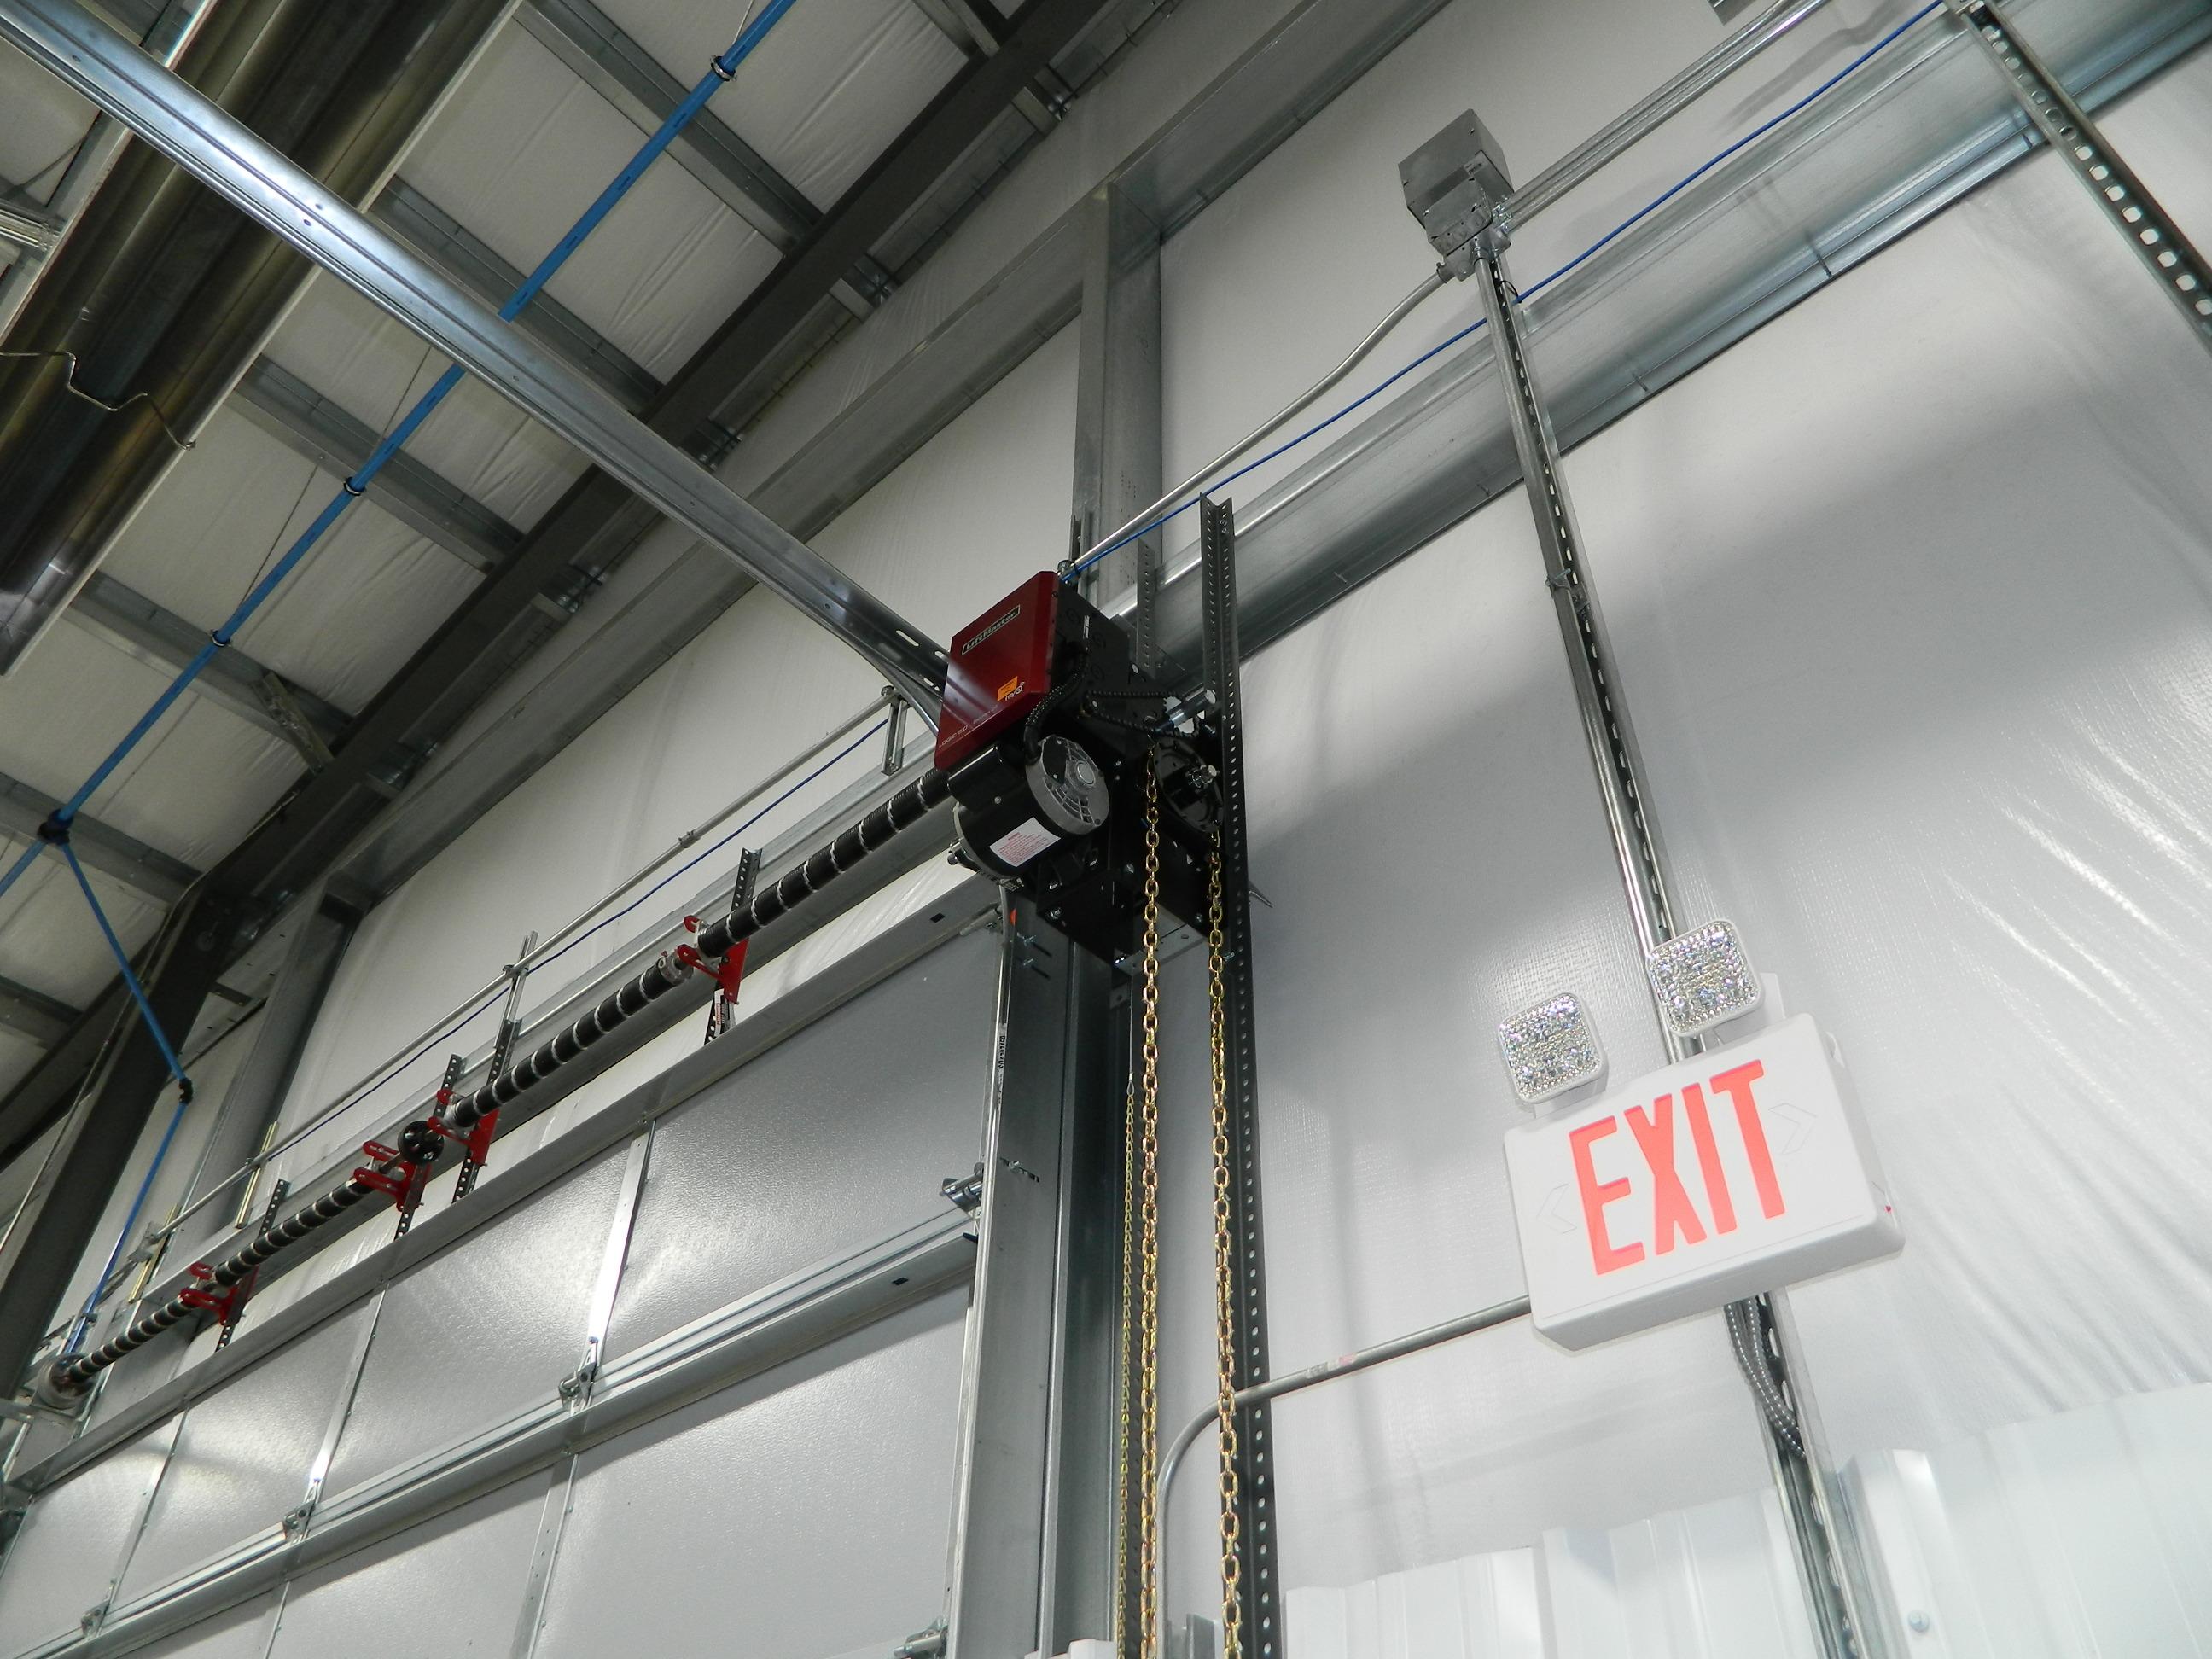 Overhead door equipment